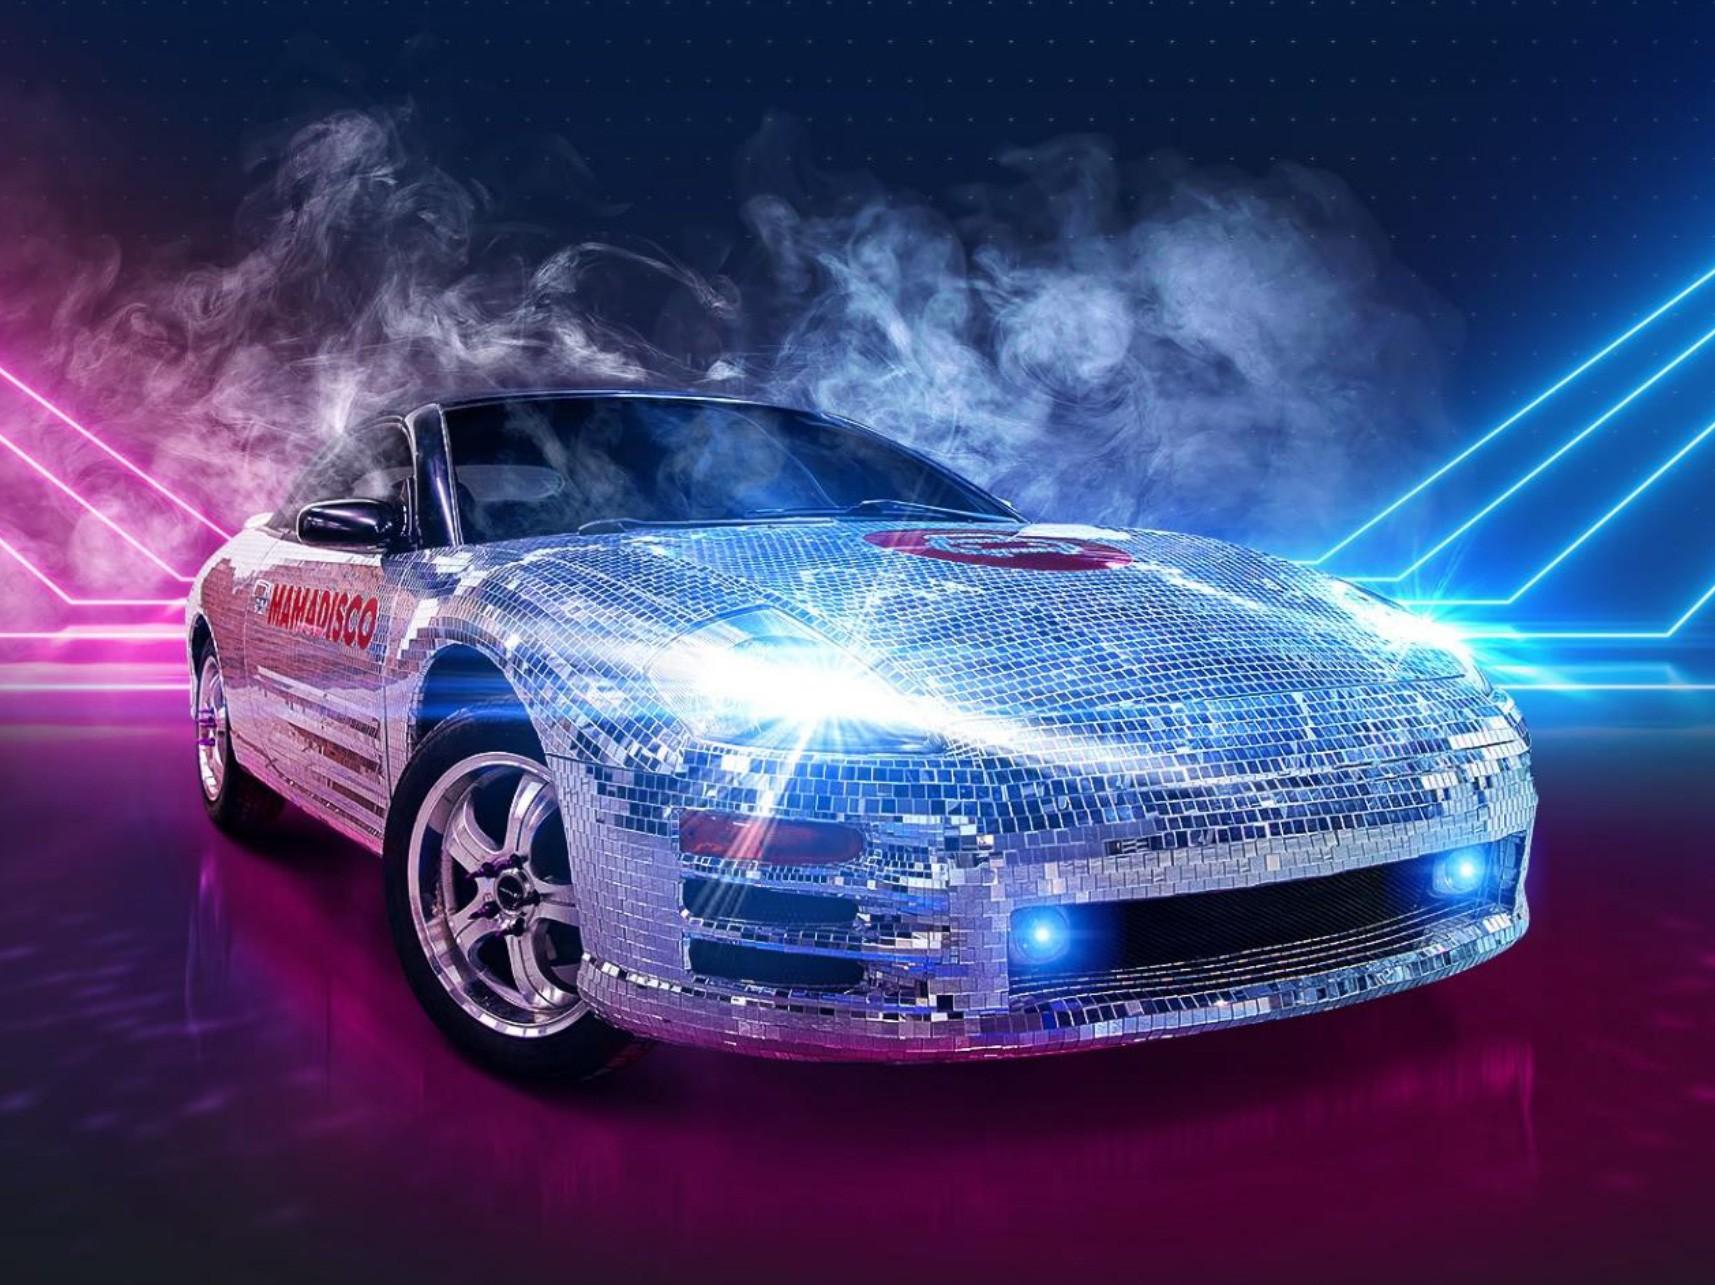 Тюнинг бывает разным. Например, блогеры Youtube-канала «Гараж 54» отличаются необычным подходом к доработке автомобилей. На днях они представят блестящий – в прямом смысле – проект: Mitsubishi Eclipse покрыт 65 тысячами маленьких зеркал.